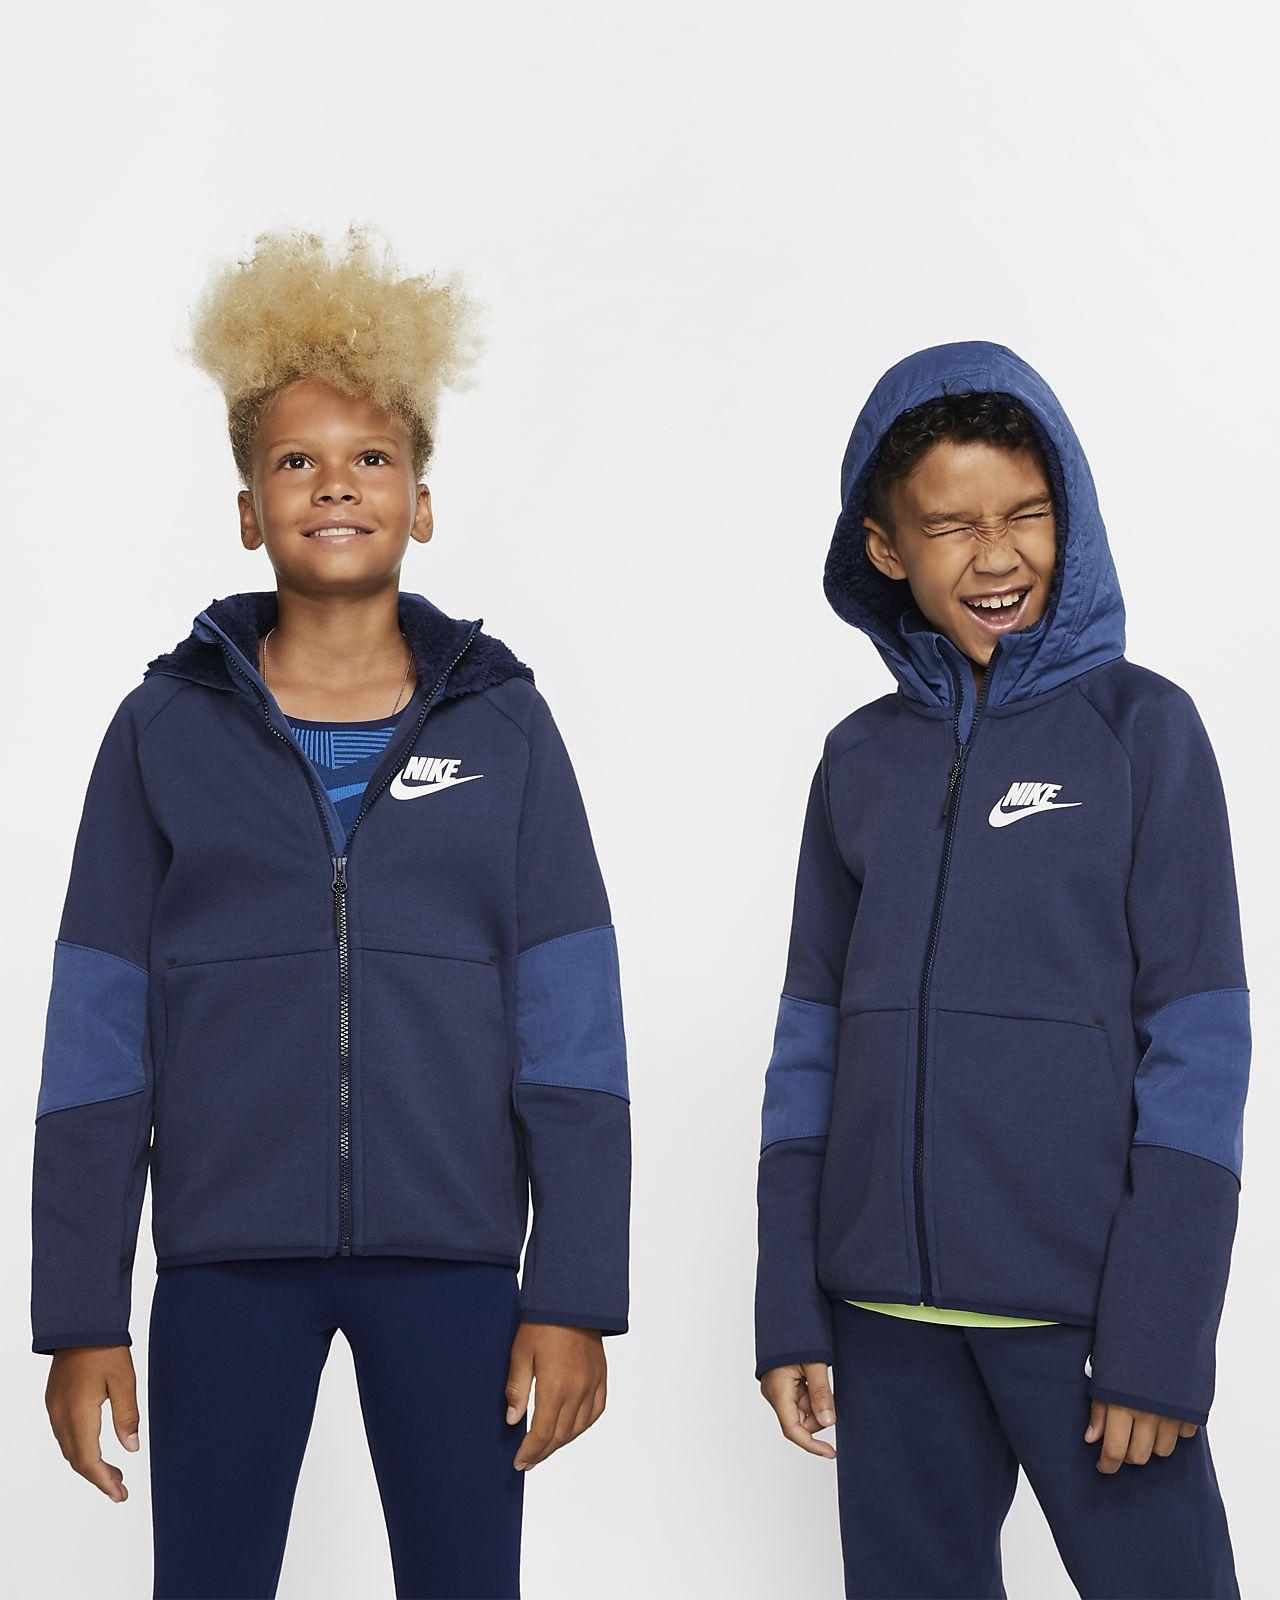 Nike Sportswear Winterized Tech Fleece Older Kids' Full-Zip Hoodie